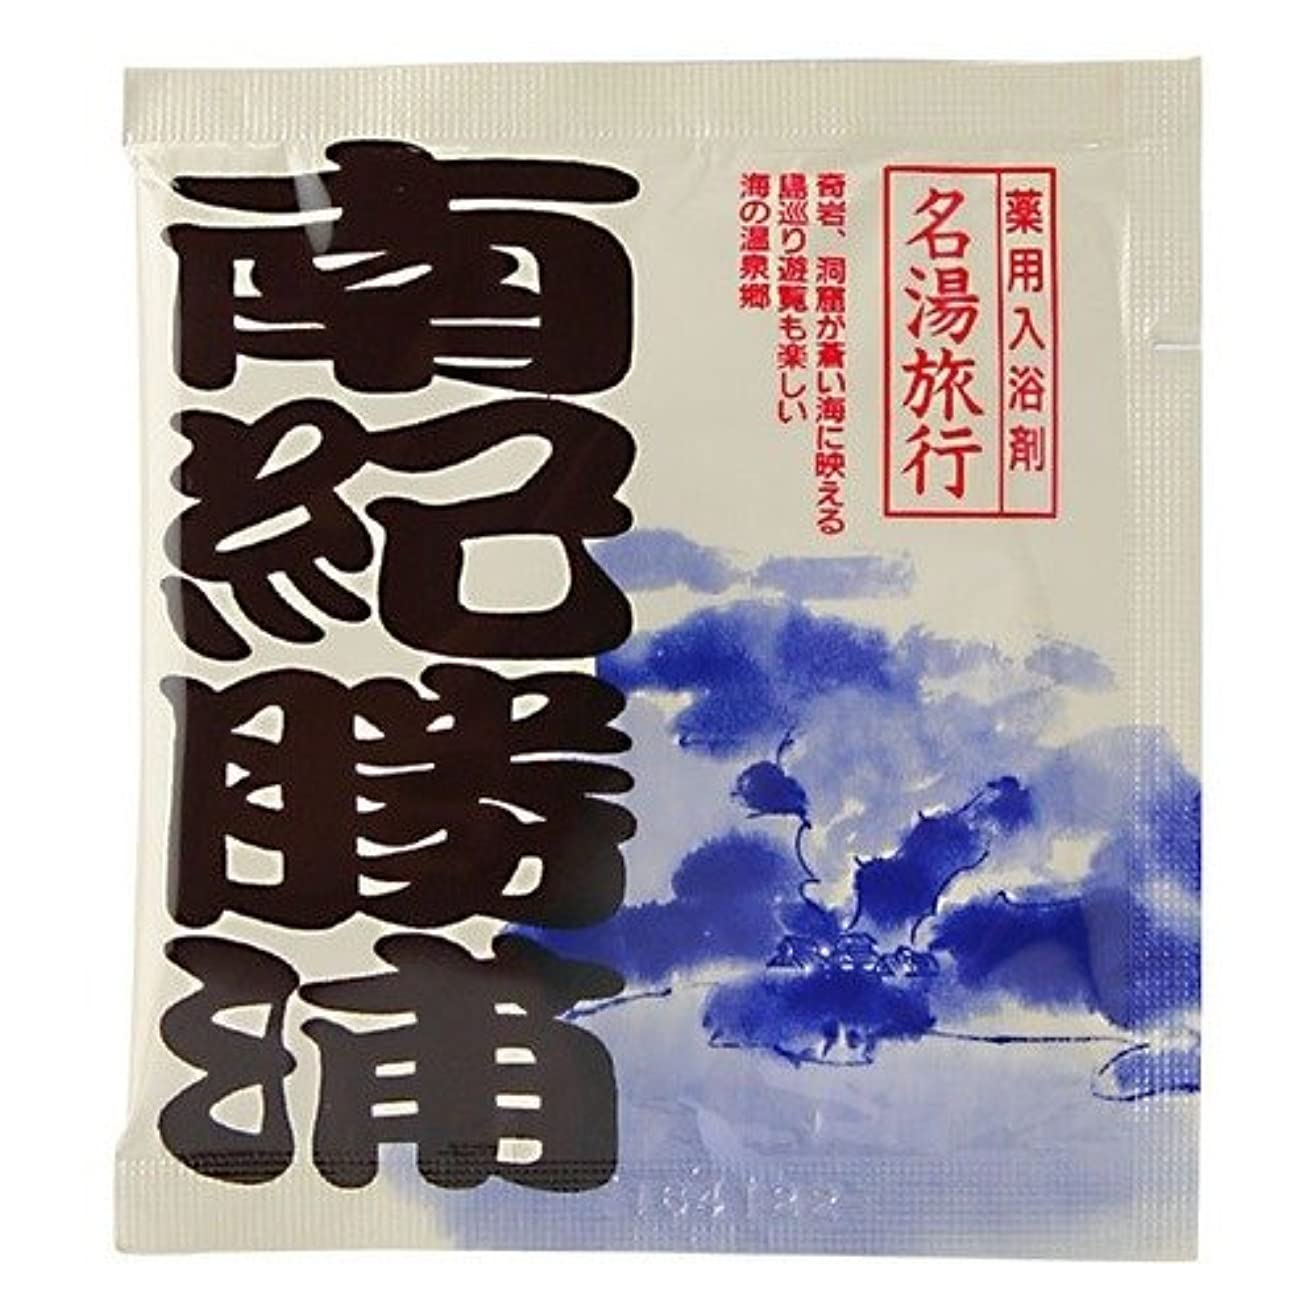 メイド先史時代の好き五洲薬品 名湯旅行 南紀勝浦 25g 4987332126737